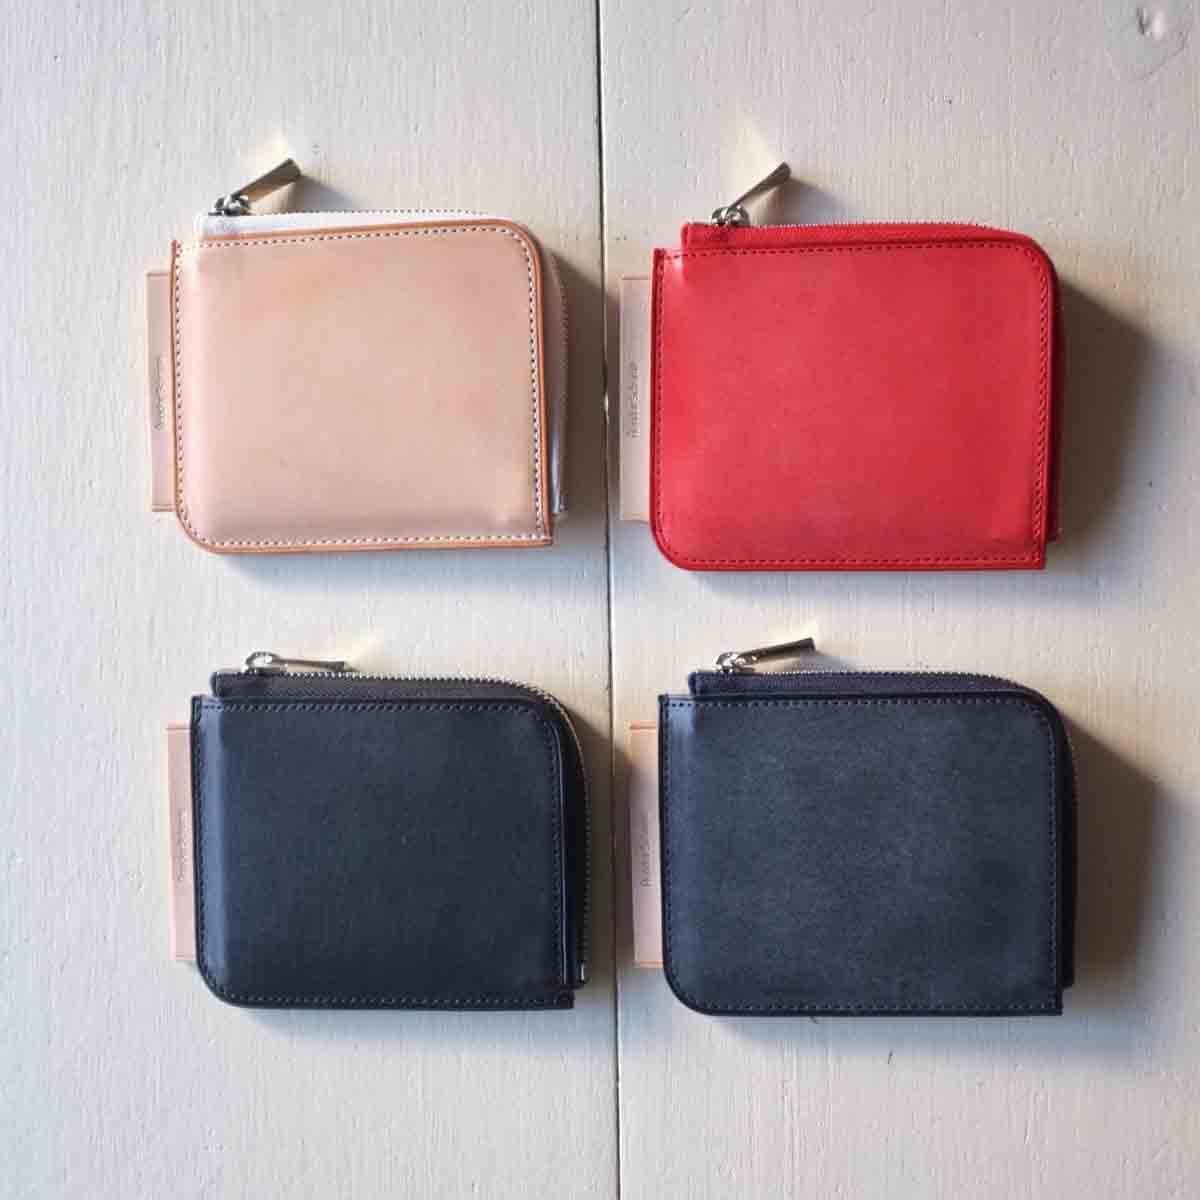 財布・ケース, メンズ財布 Hender Scheme L purse L 4 colors